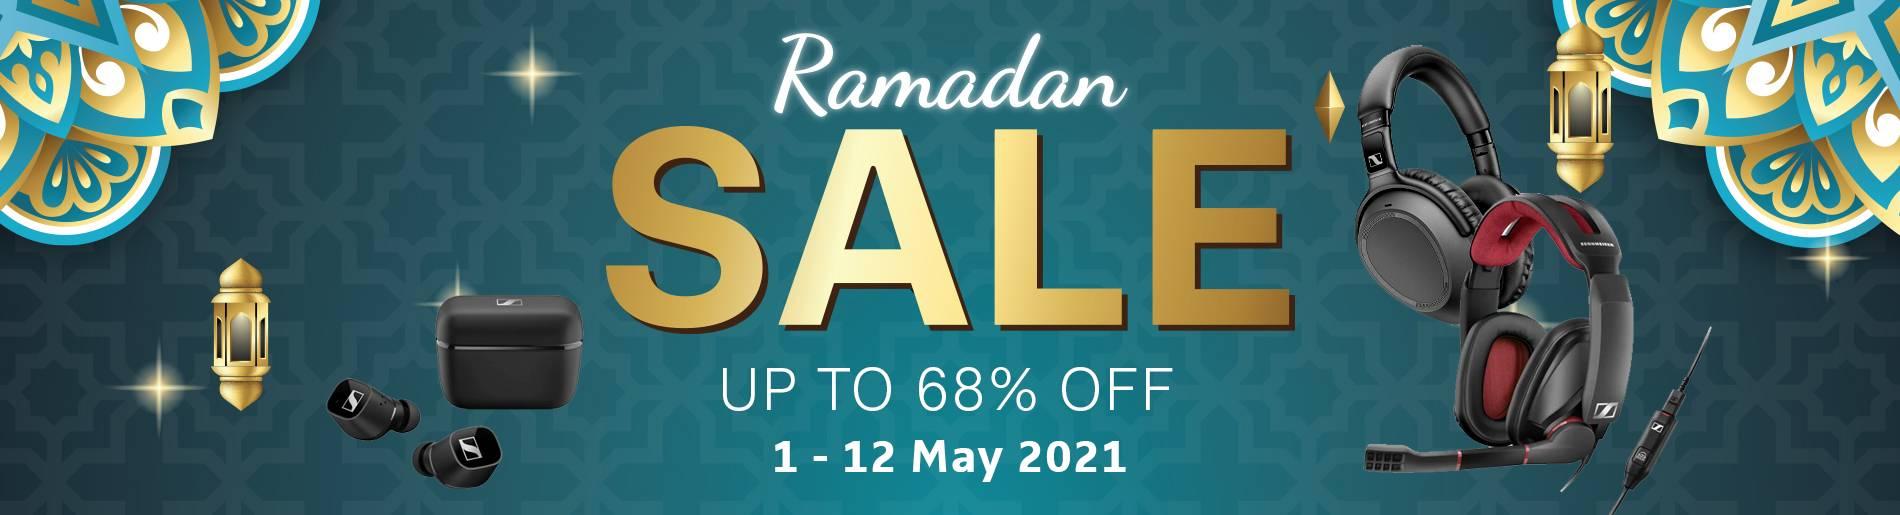 Ramadan Sales